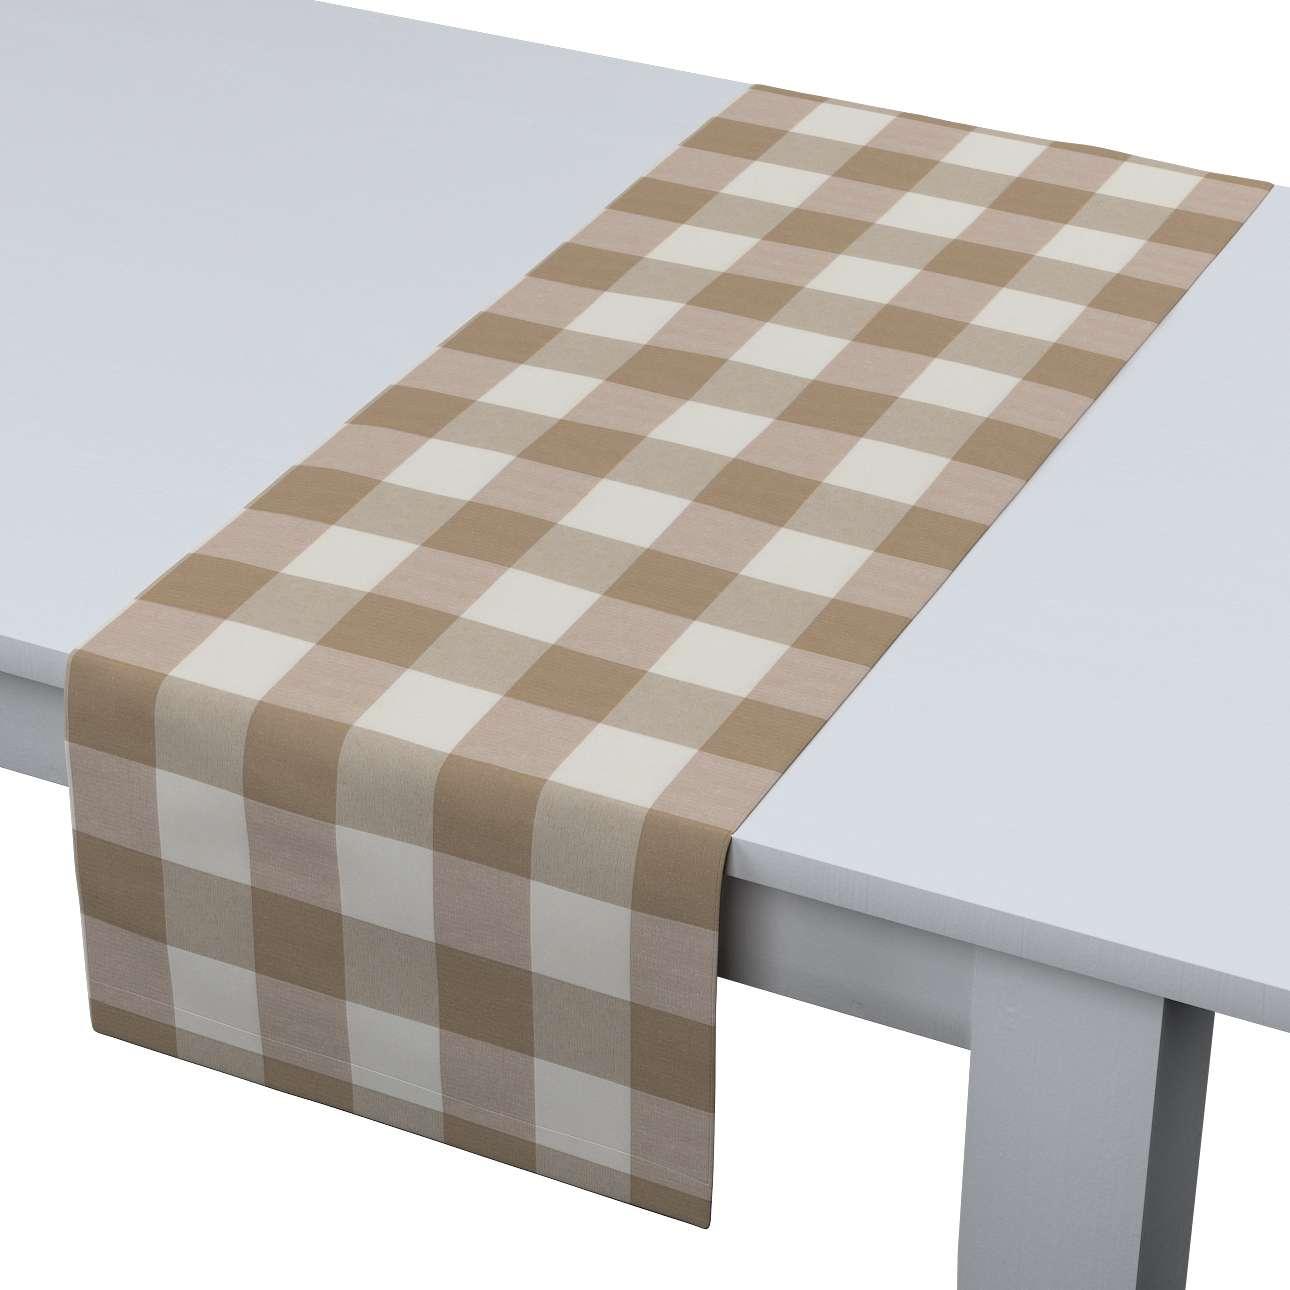 Štóla na stôl 40 x 130 cm V kolekcii Quadro, tkanina: 136-08